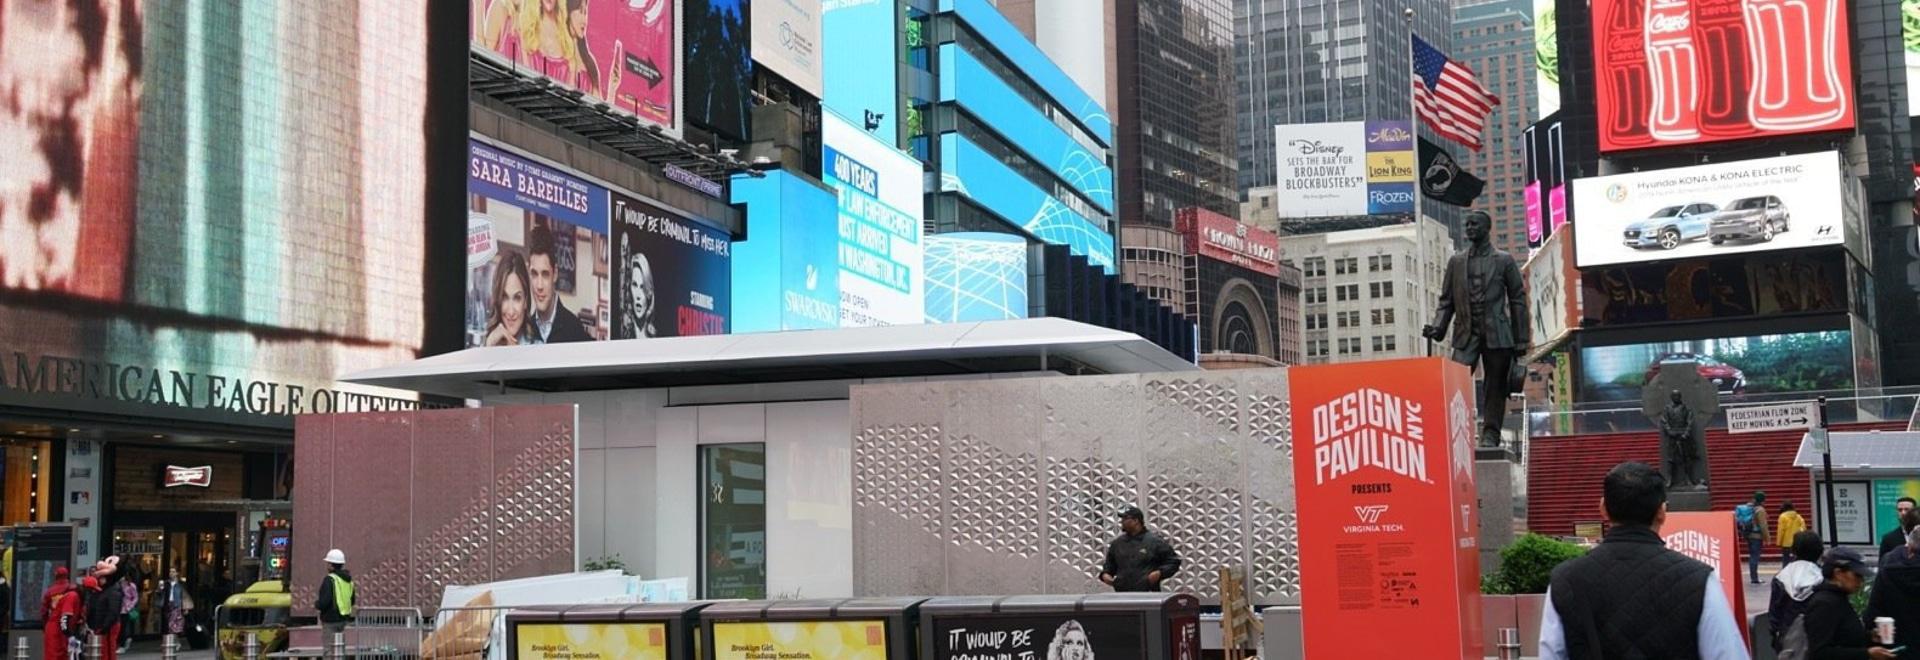 Une maison LEGO comme une maison alimentée entièrement par le soleil fait son apparition à Times Square